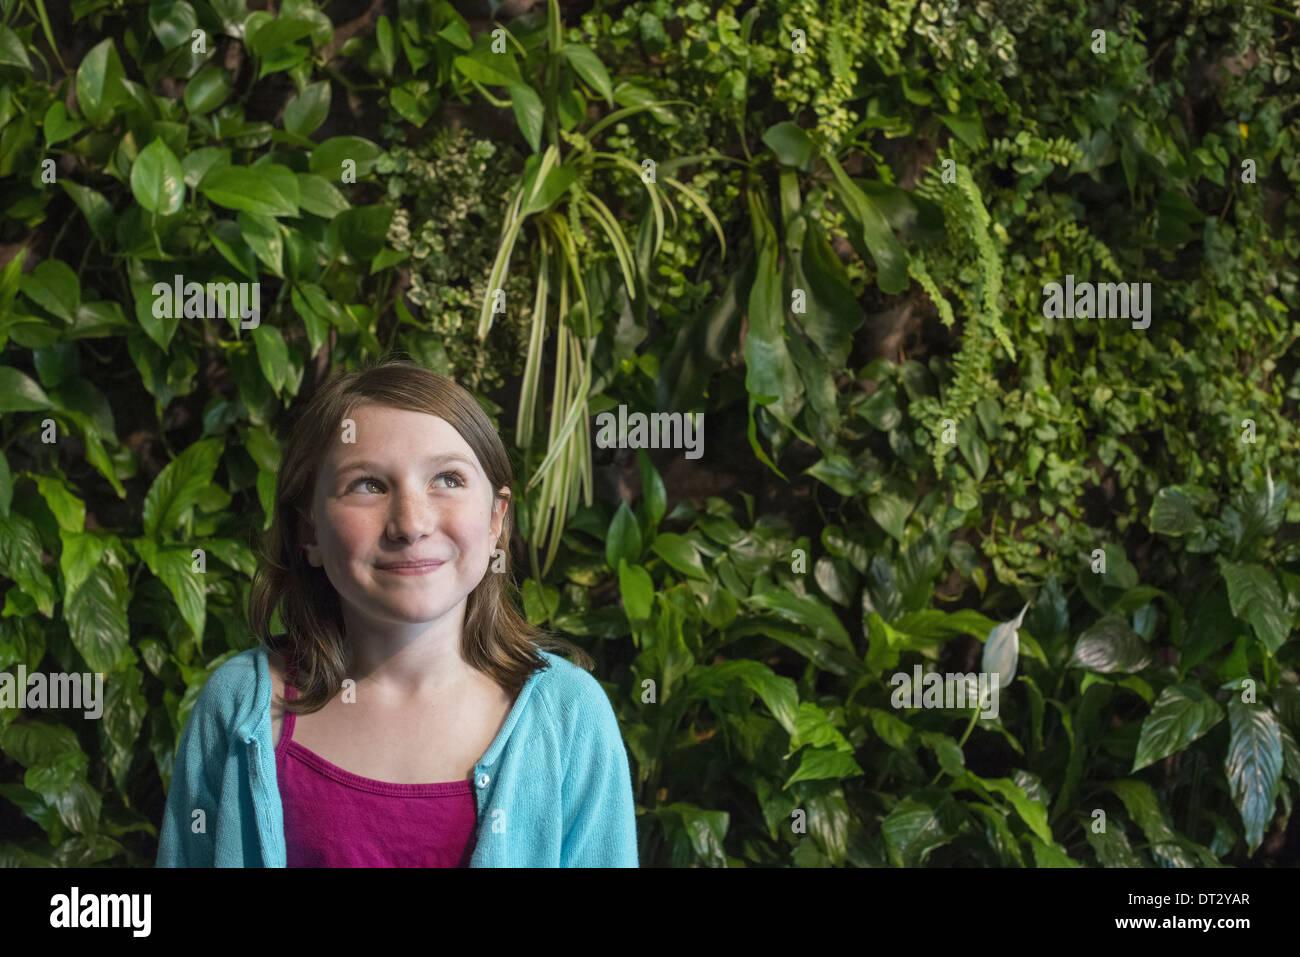 Ciudad en la primavera de un estilo de vida urbano una joven de pie frente a una pared cubierta de helechos y plantas Foto de stock